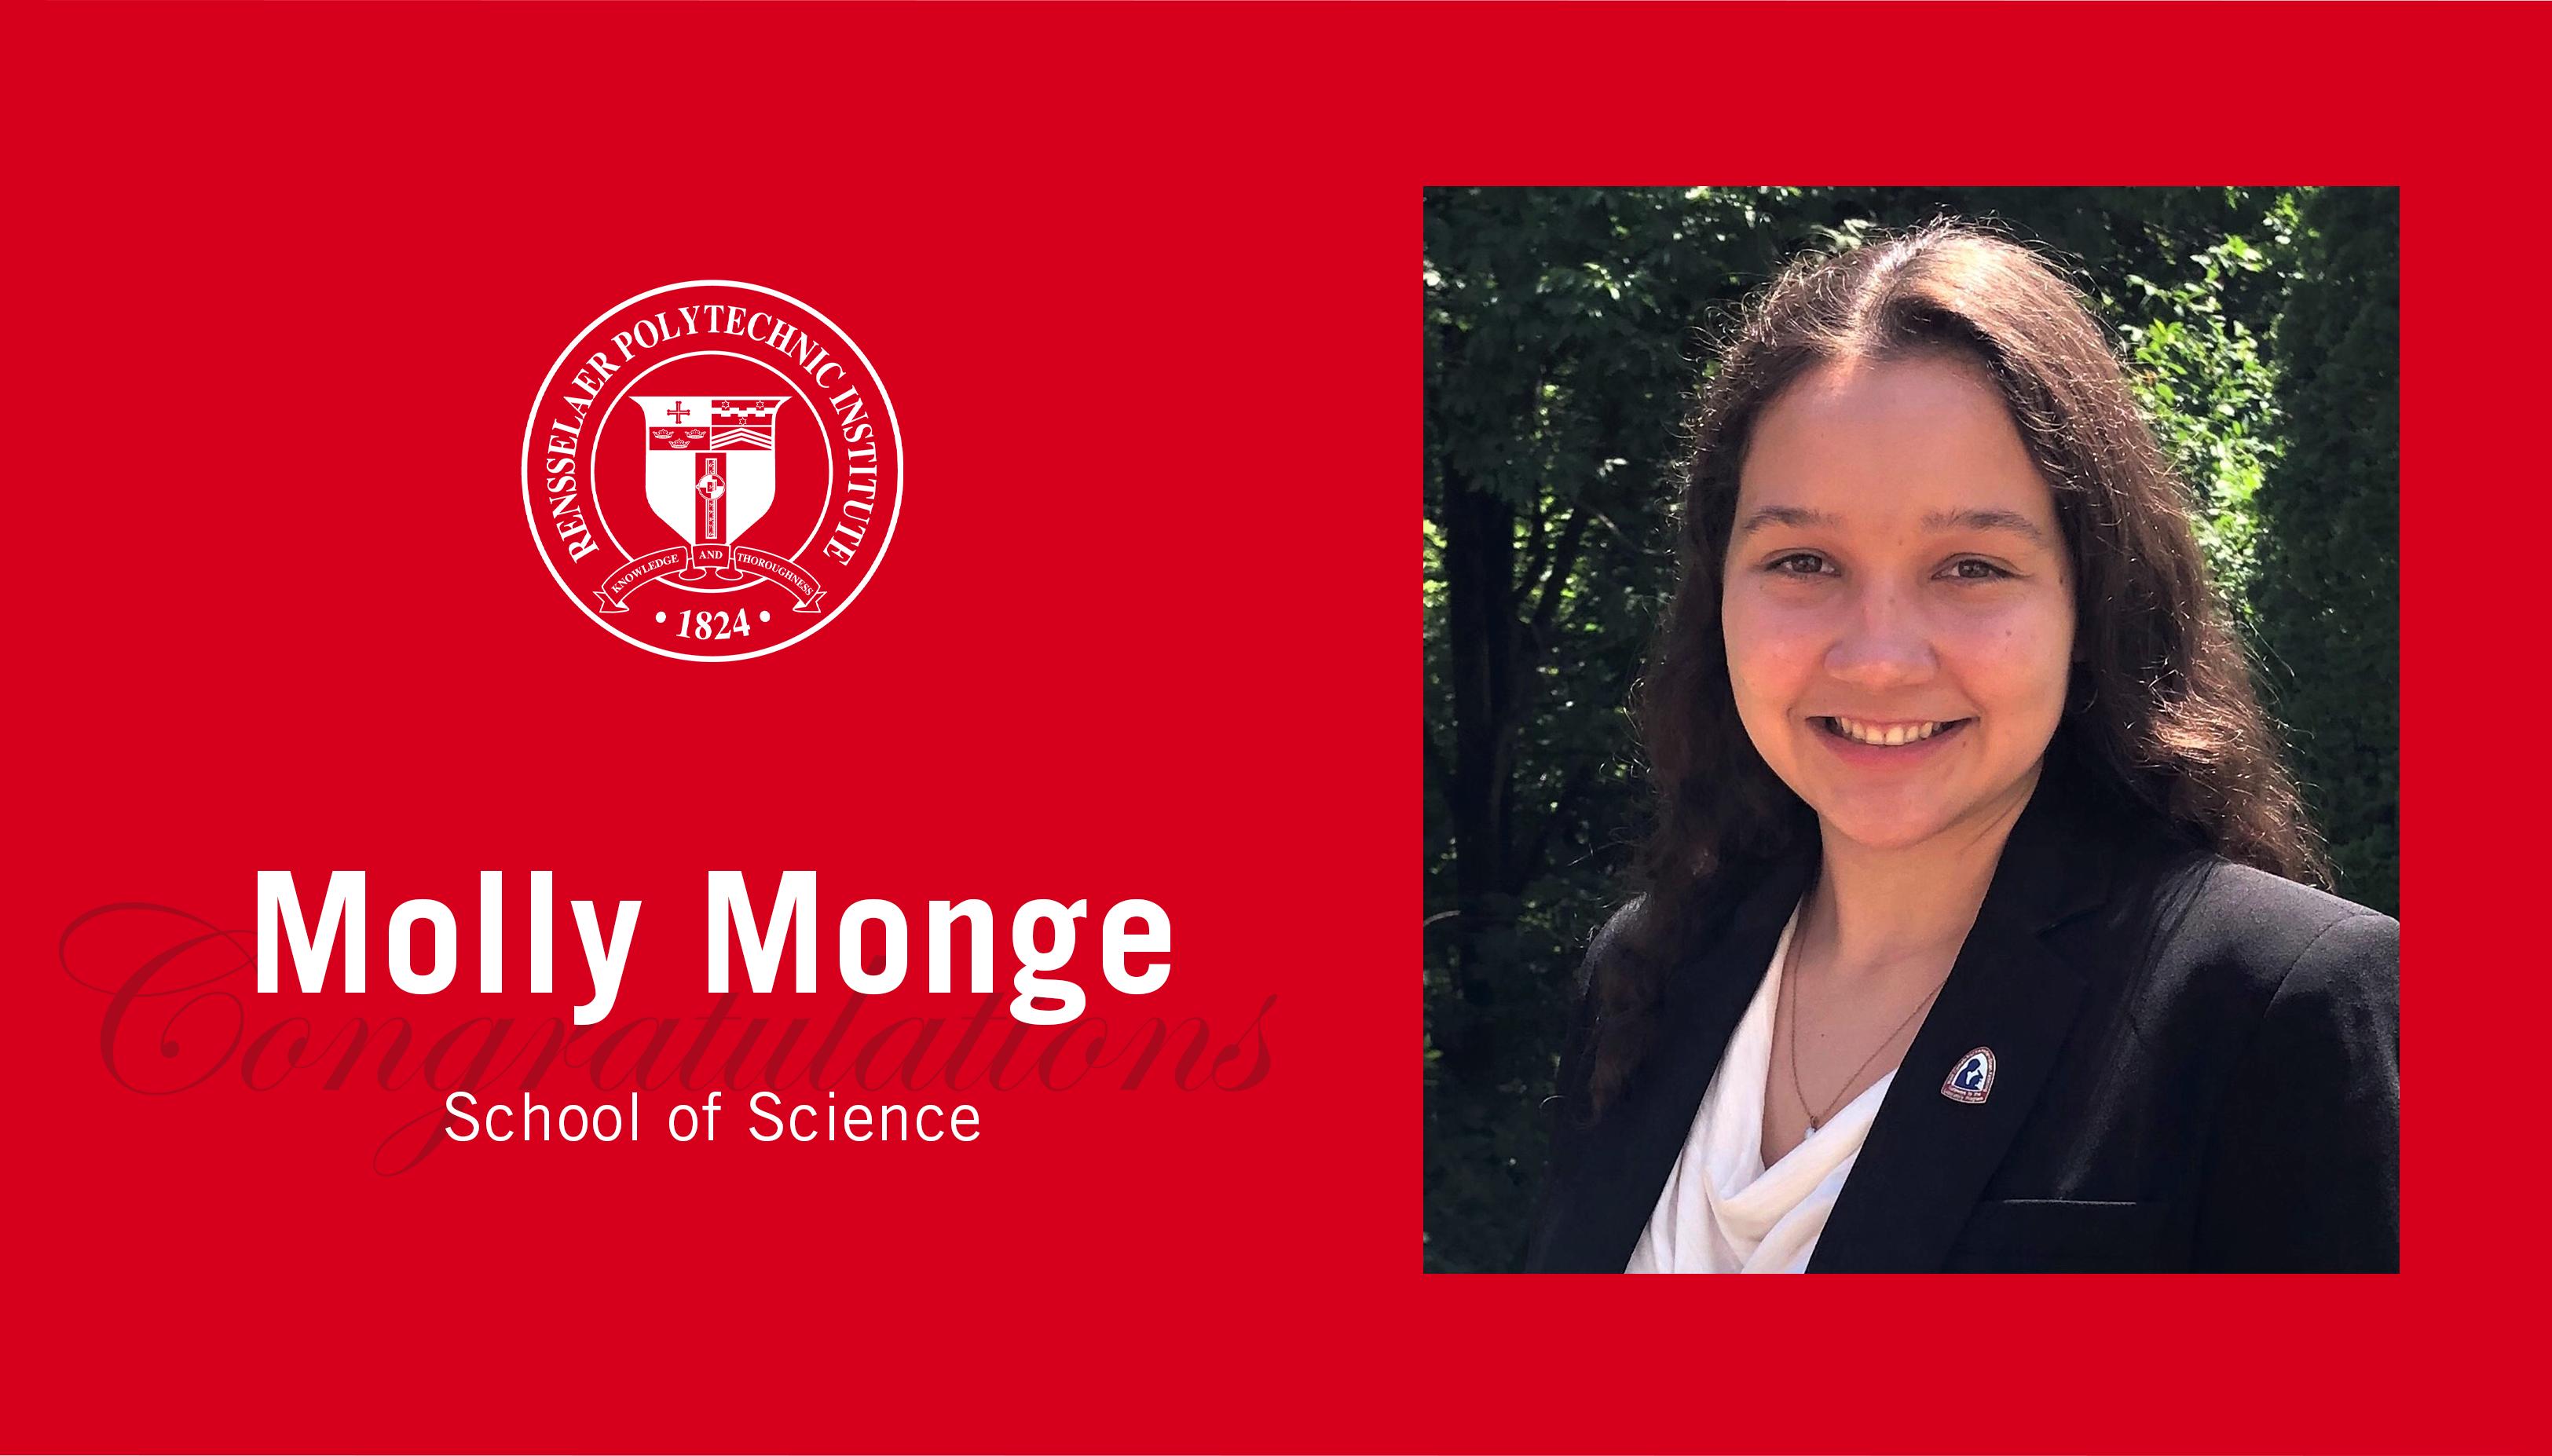 Molly Monge